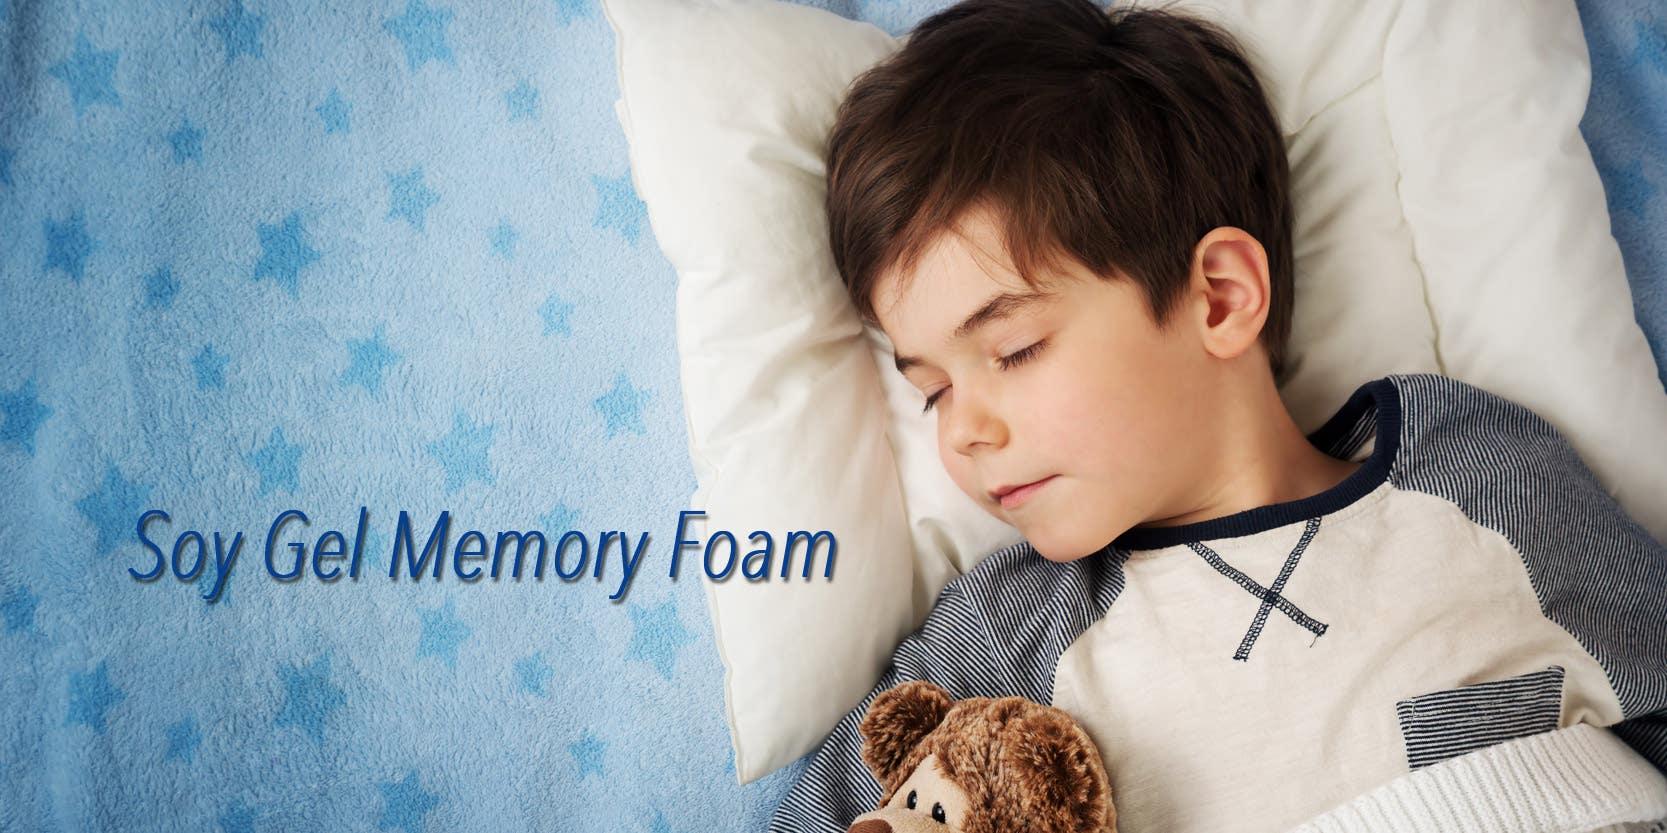 Blog What Is Soy Gel Memory Foam Made Of